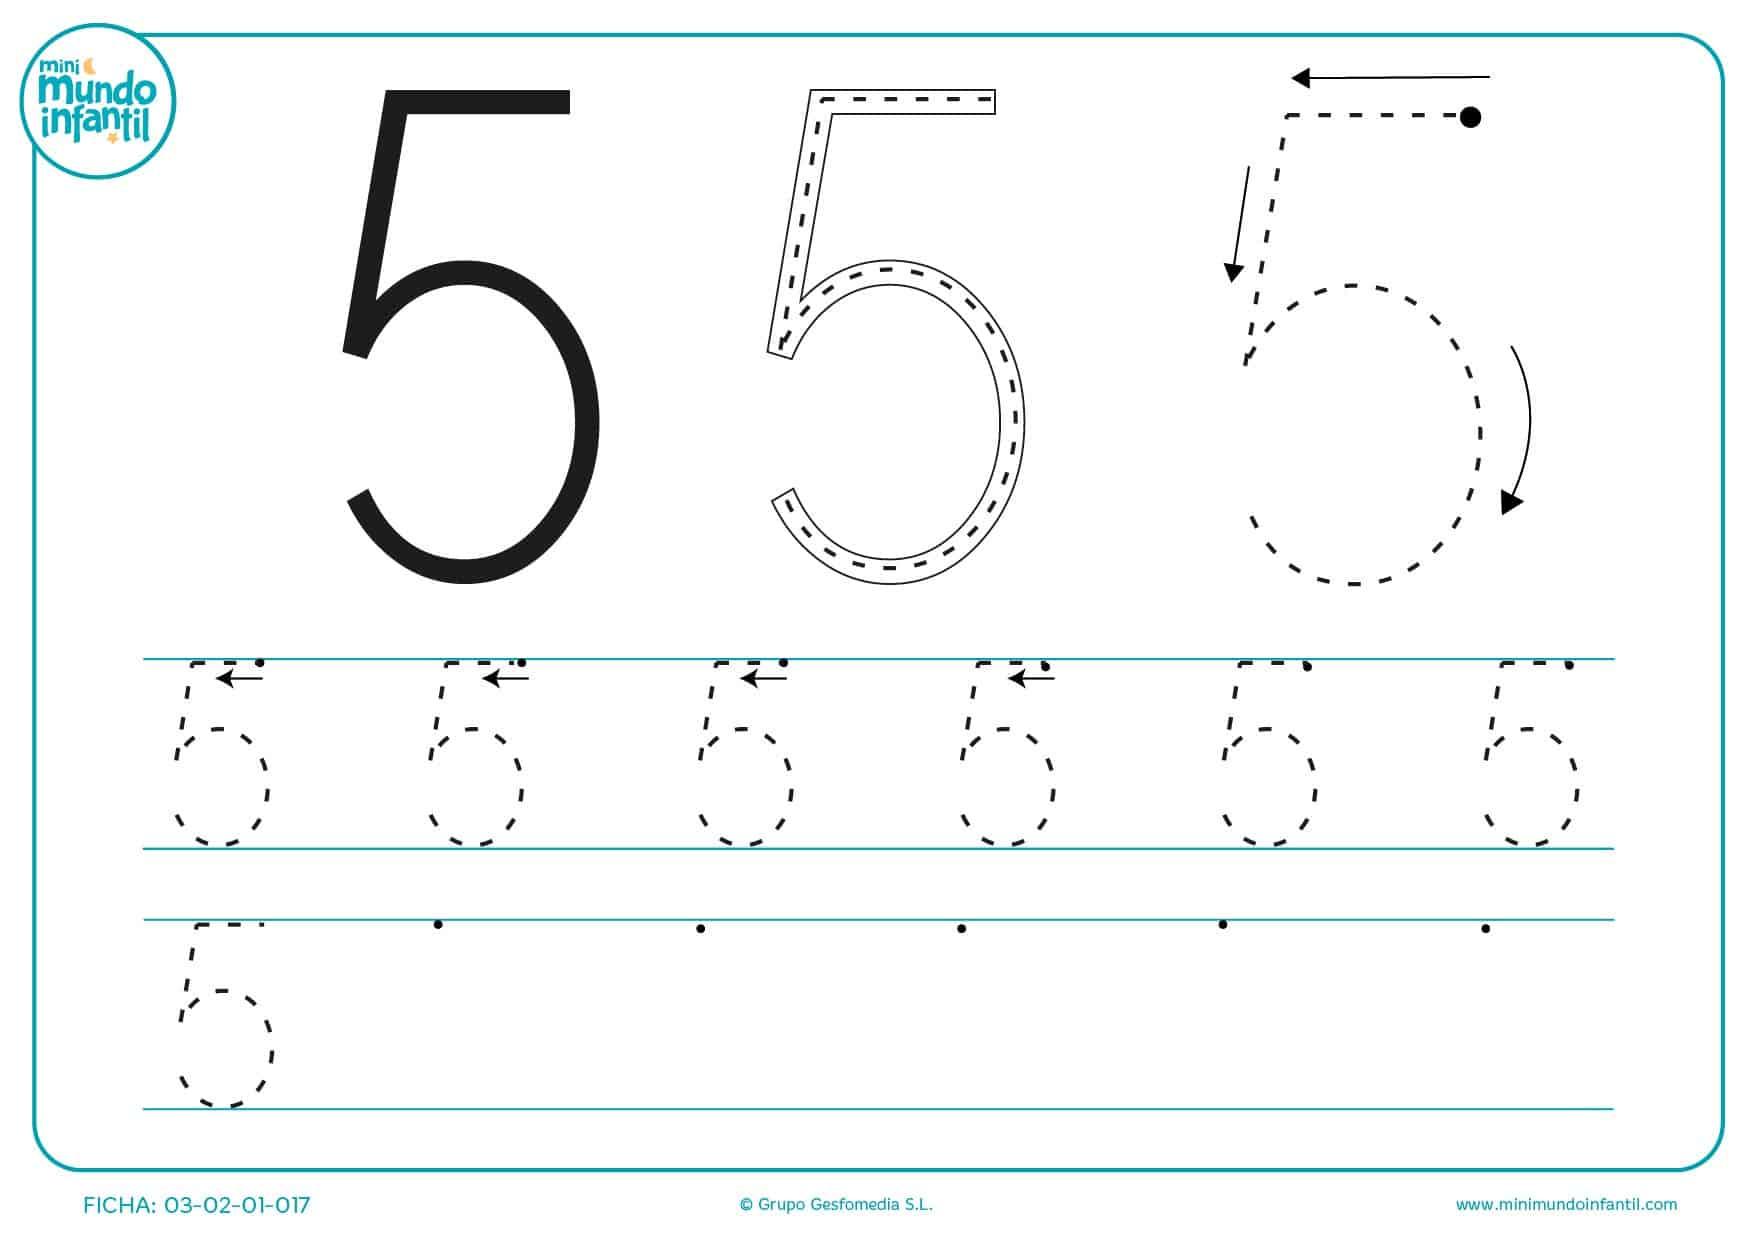 Seguir las líneas para aprender a trazar el número 5